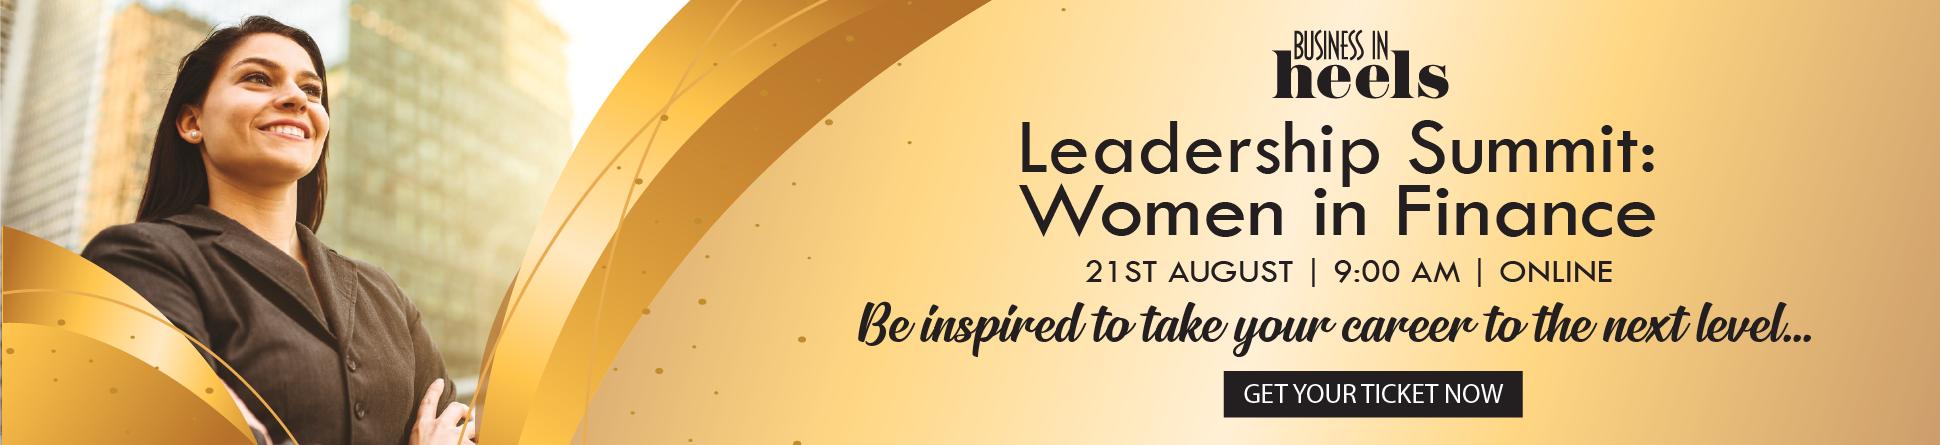 Leadership Summit Women in Finance